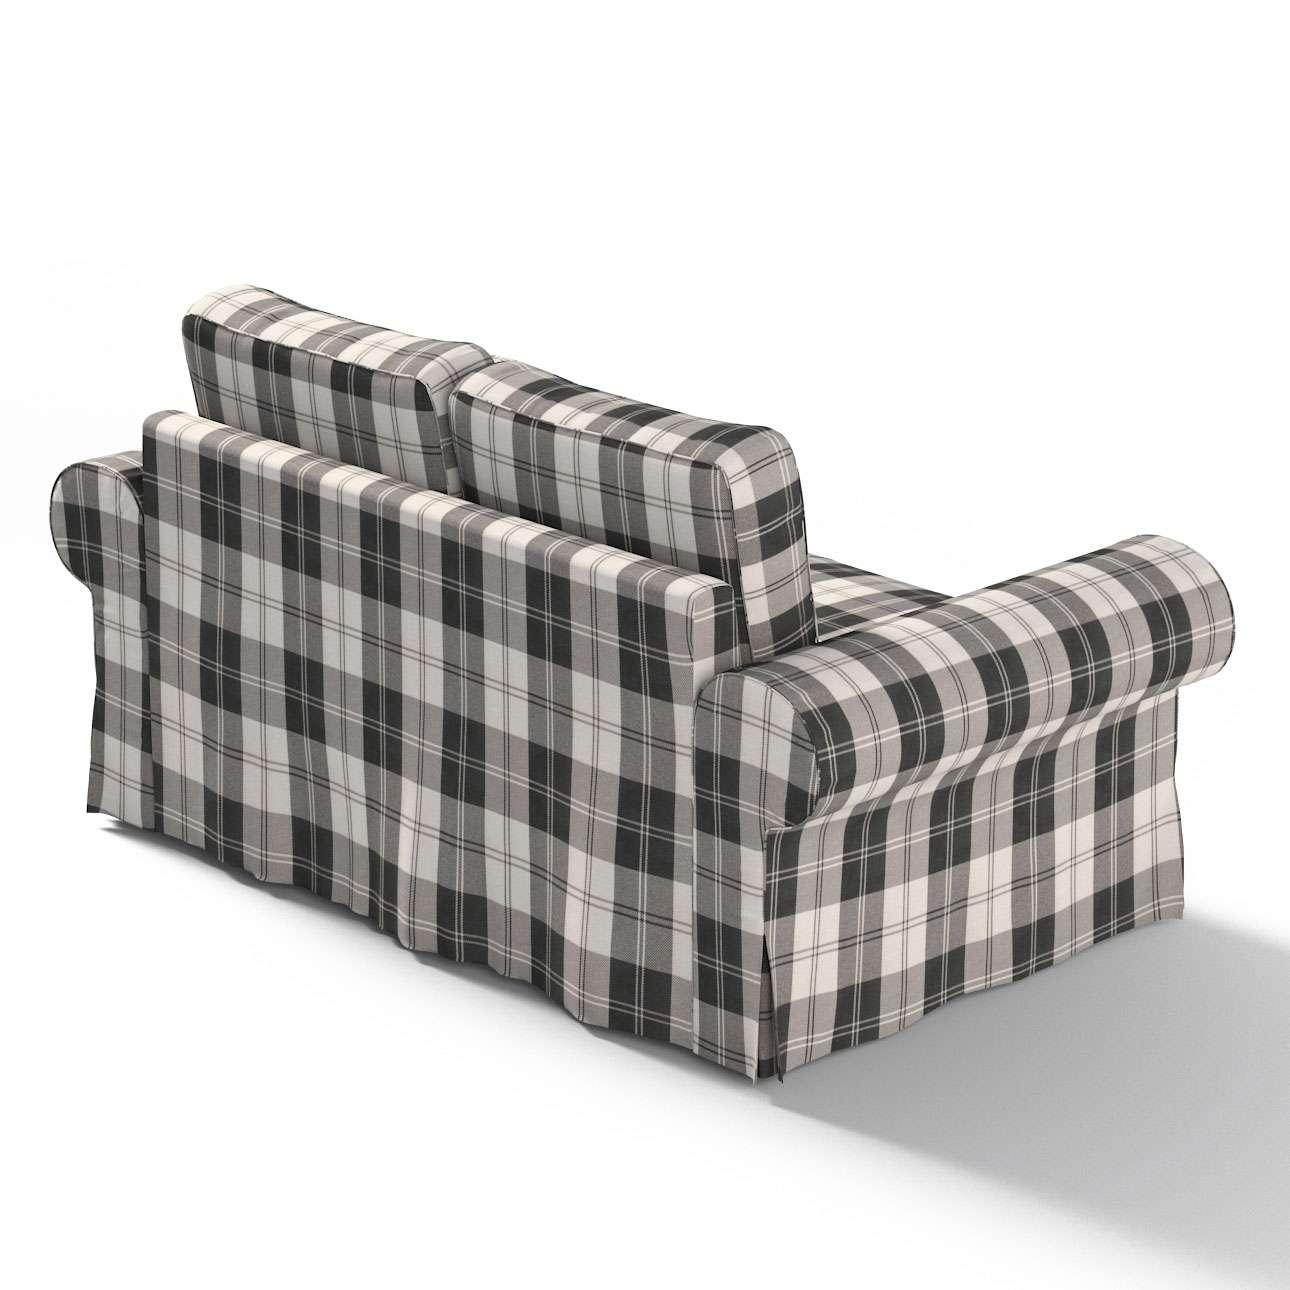 Pokrowiec na sofę Backabro 2-osobową rozkładaną sofa Backabro 2-osobowa rozkładana w kolekcji Edinburgh, tkanina: 115-74